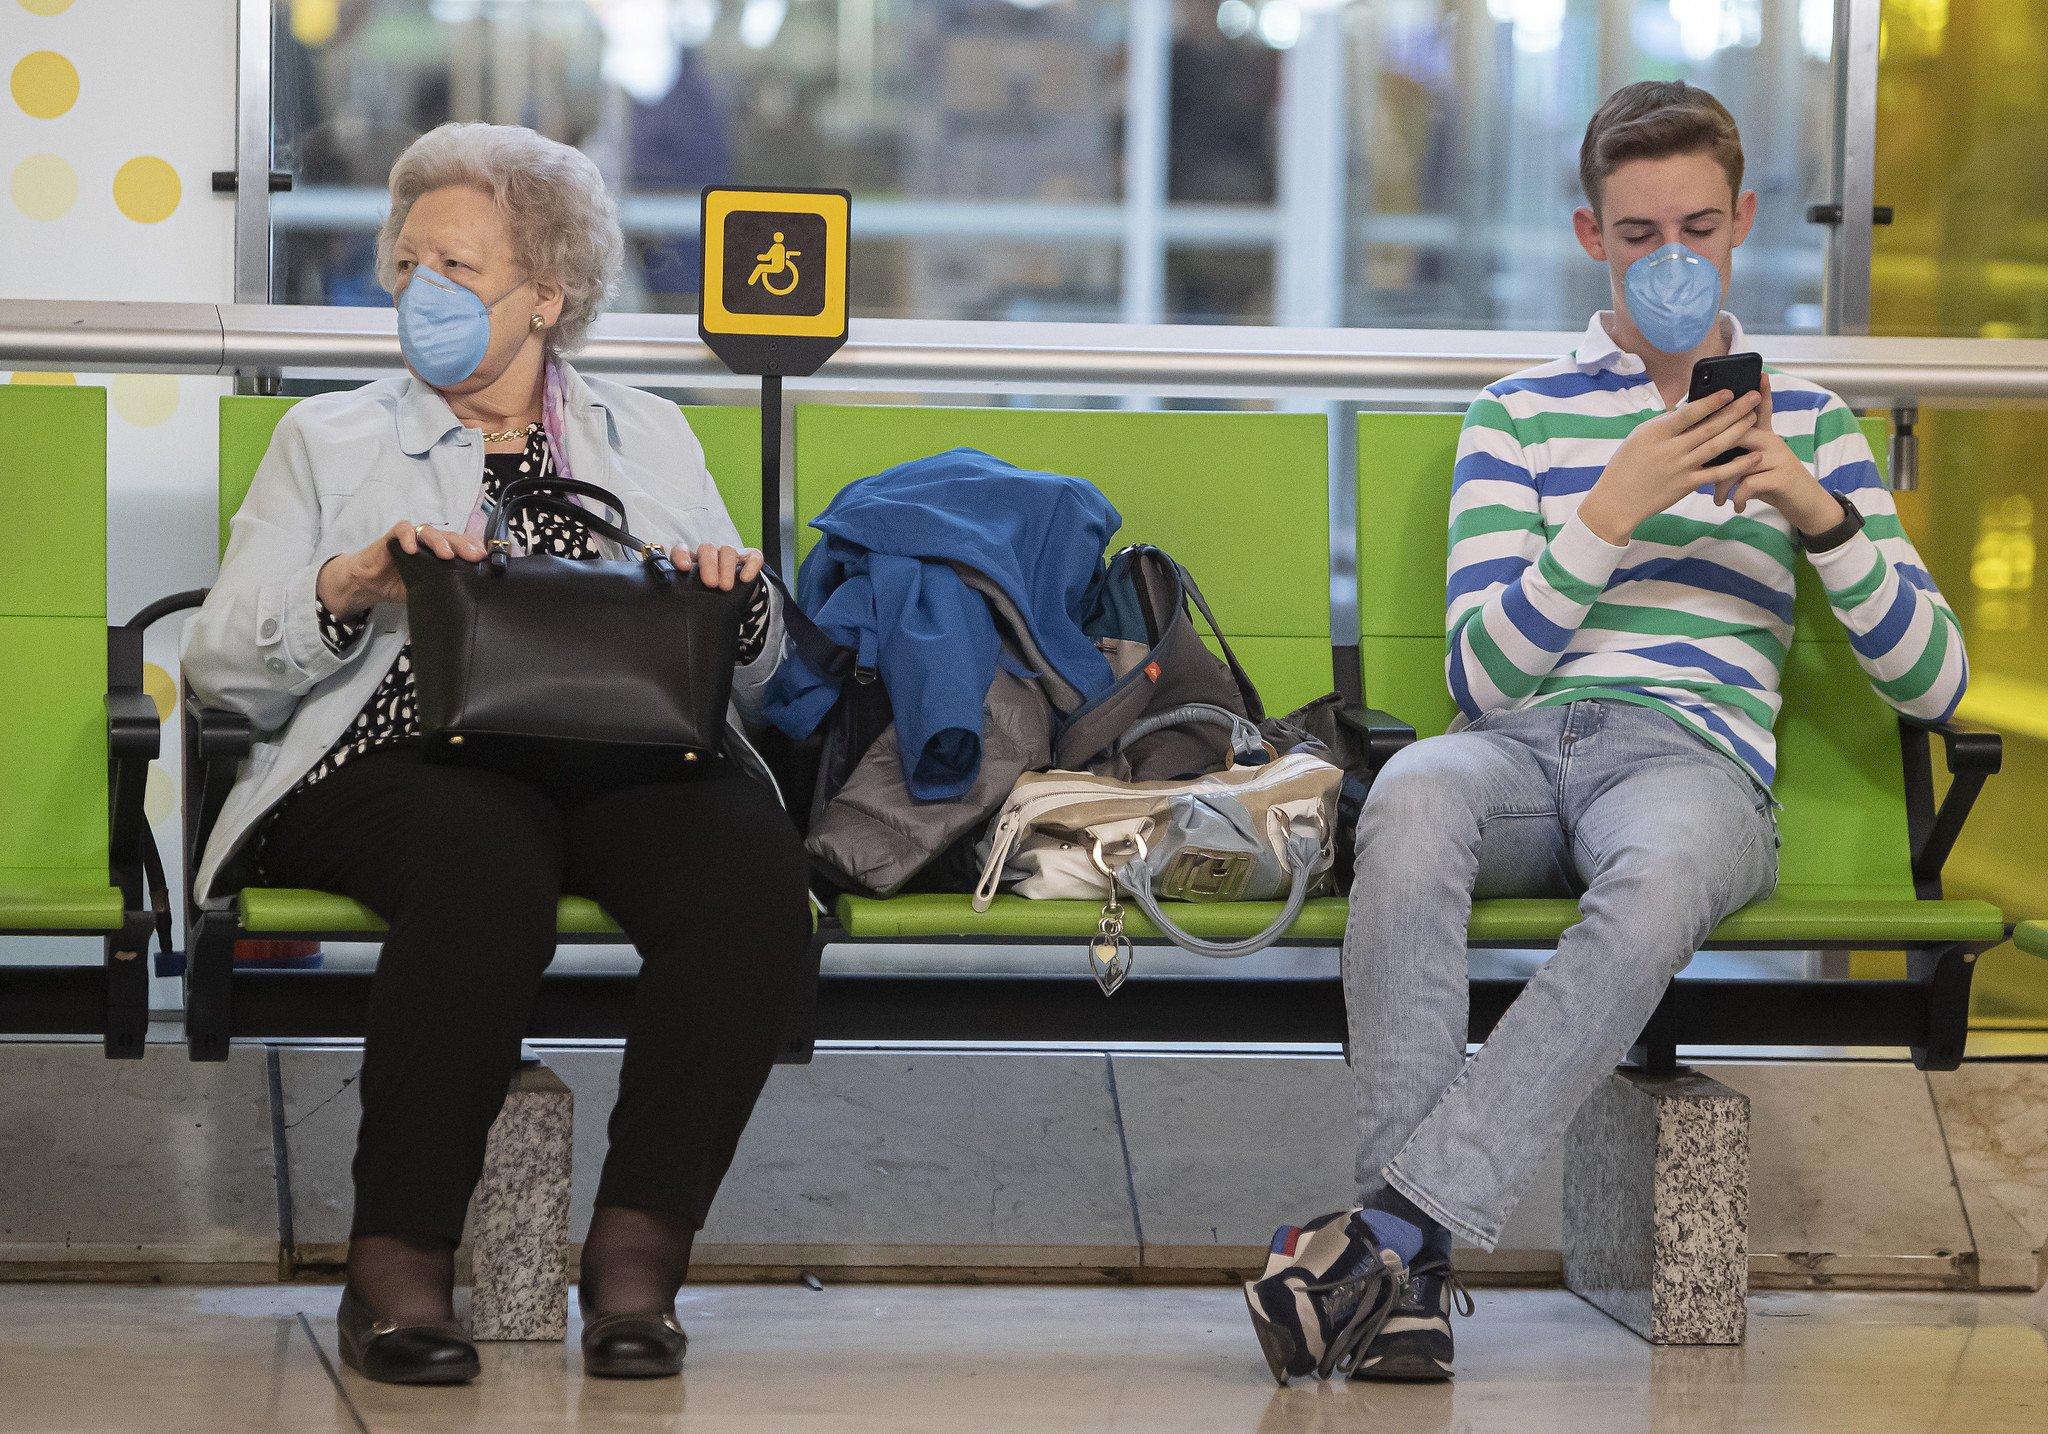 Último balance del coronavirus: unos cien mil afectados en todo el mundo y casi 3.500 muertos